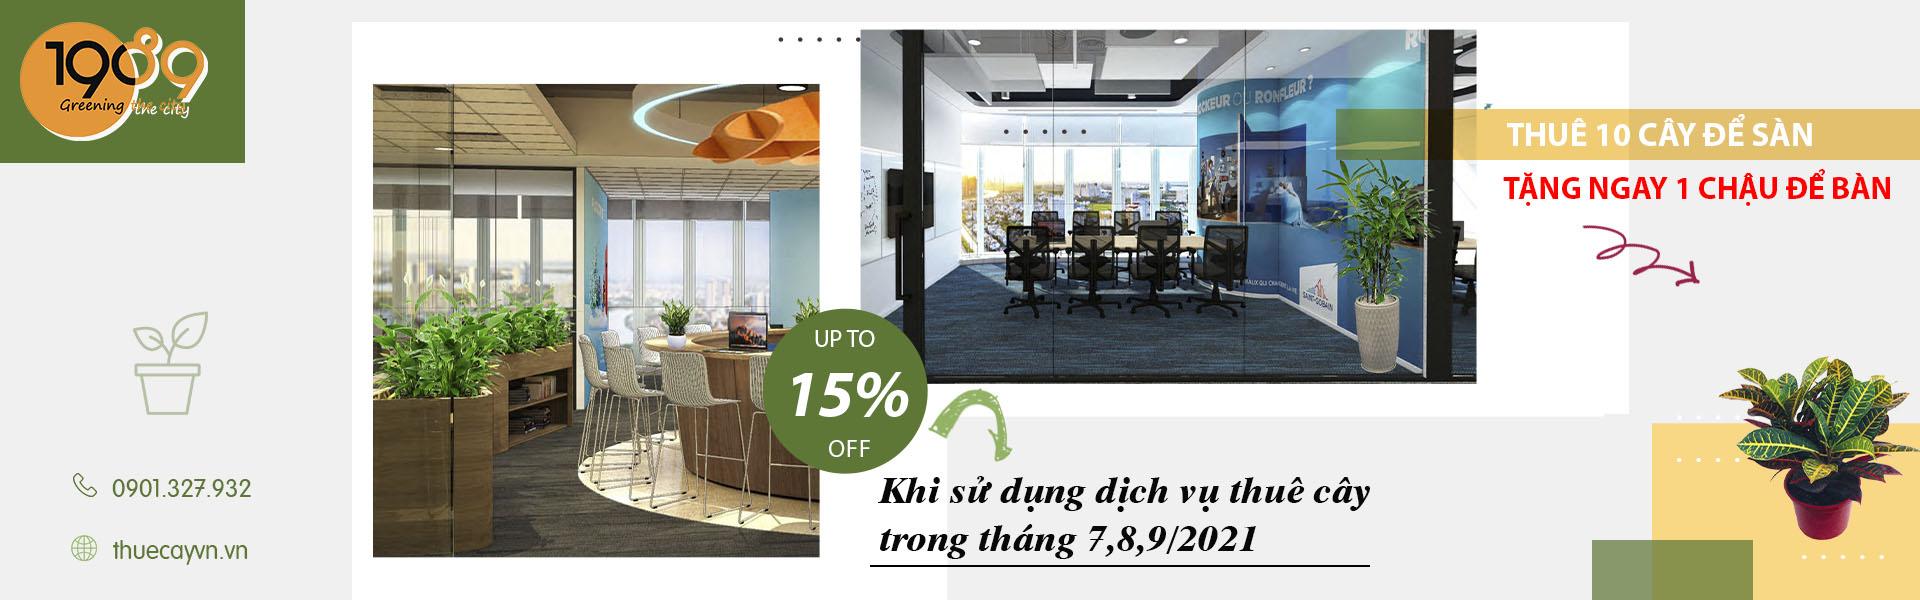 dịch vụ thuê cây xanh văn phòng tphcm